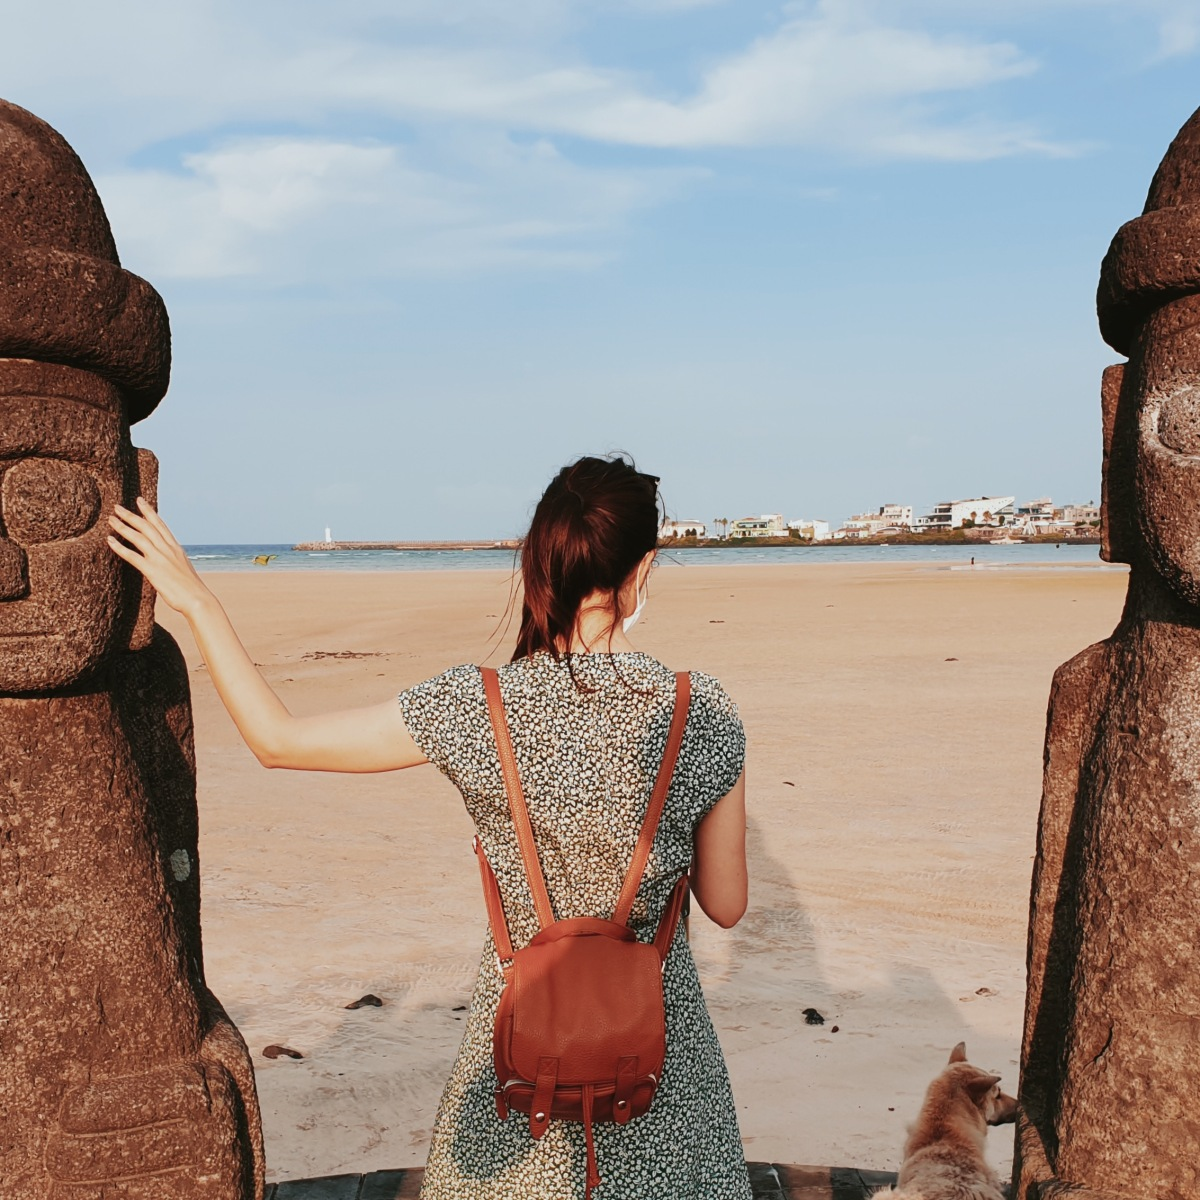 Sur une plage de l'ile de Jeju en Corée du Sud, je me tiens de dos entre deux statues en pierre typiques de l'ile.